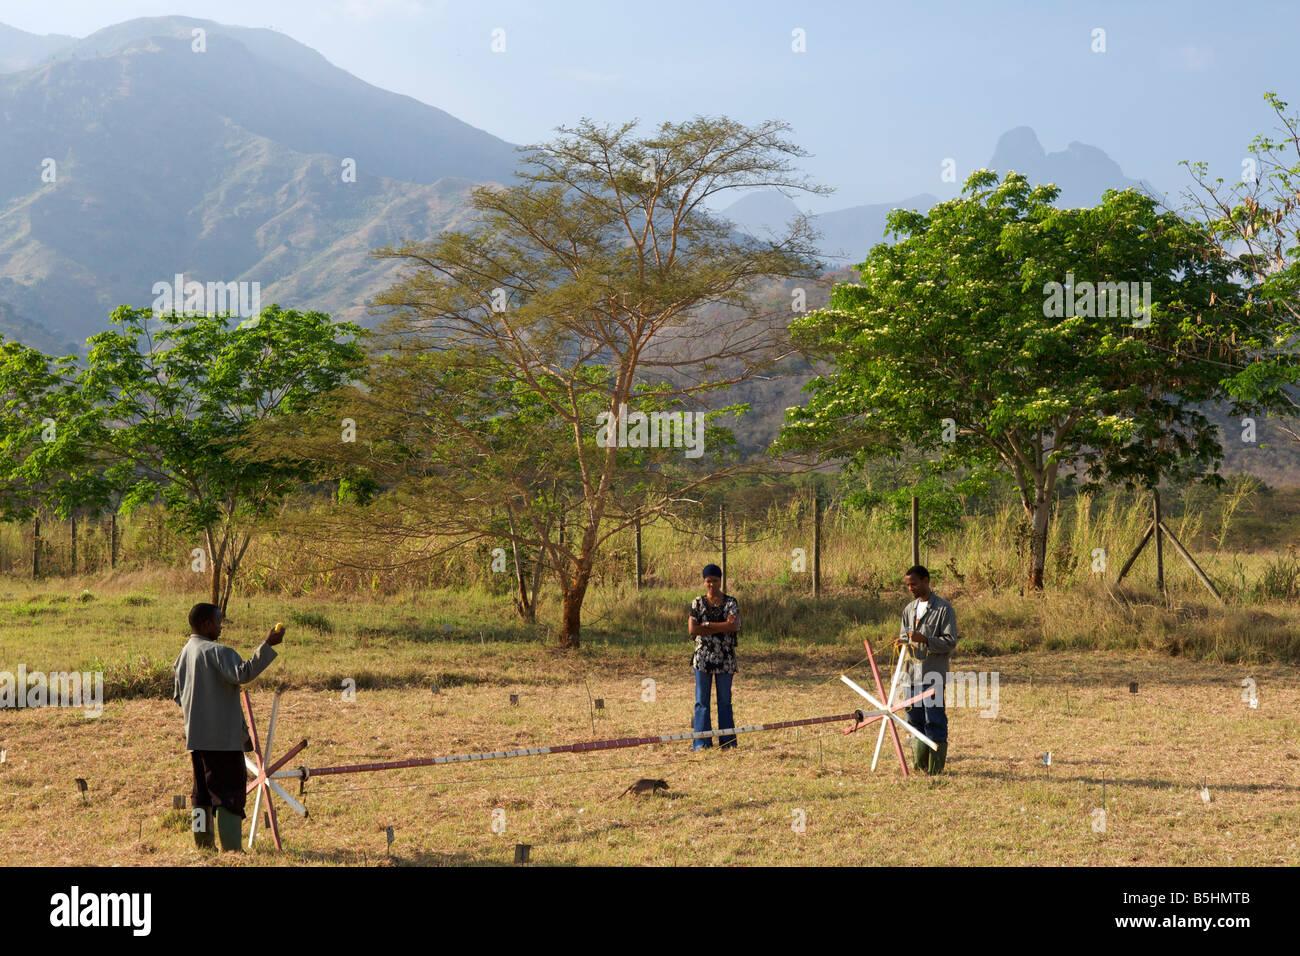 Ausbildung von Held Ratten vor Ort durch die Organisation von APOPO, TNT in Blindgänger zu erkennen. Stockbild